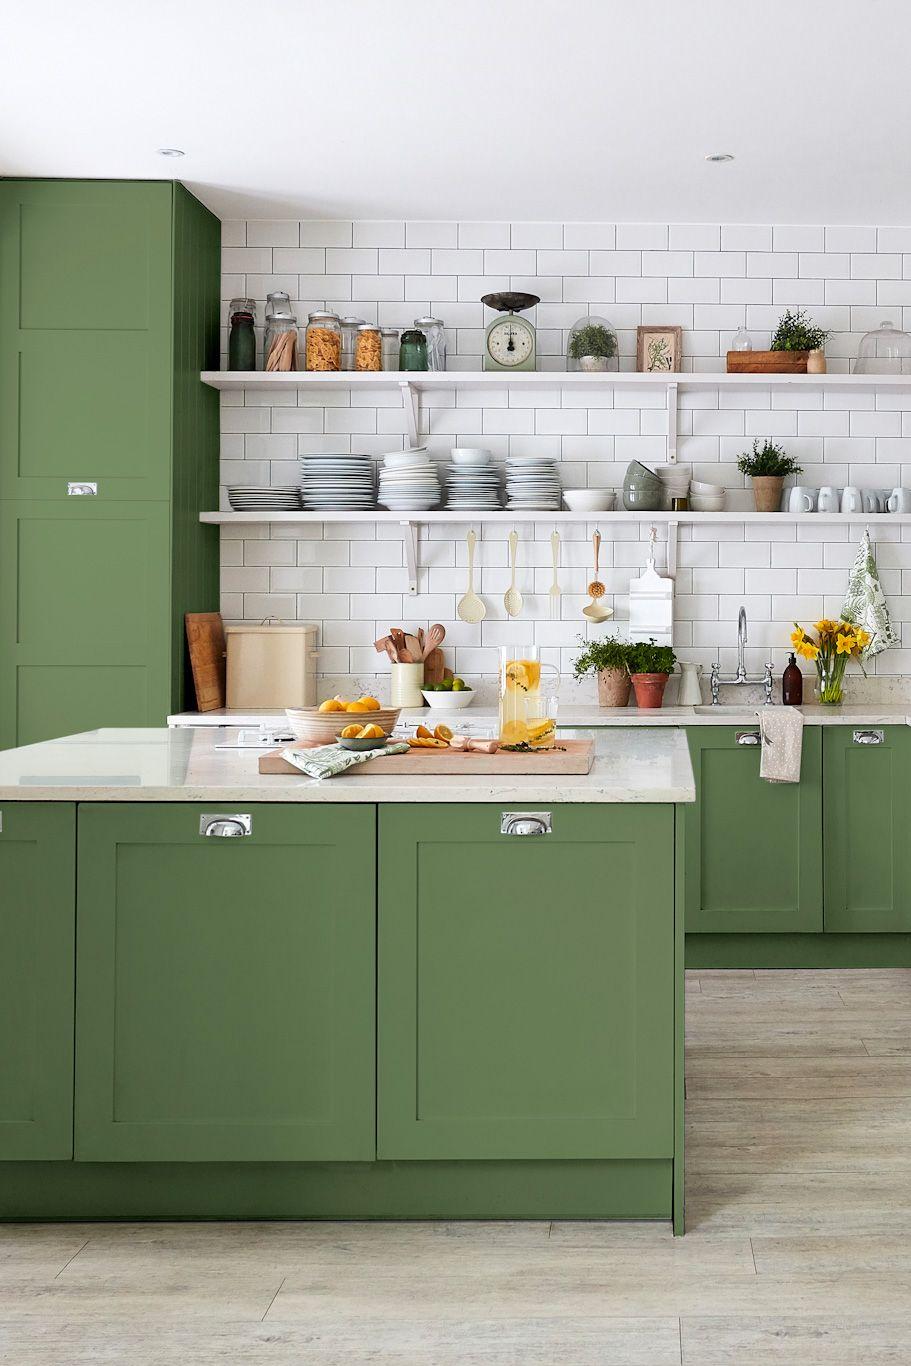 sanderson devon green water based eggshell 1 l paint kitchen inspirations best interior on kitchen interior green id=91463